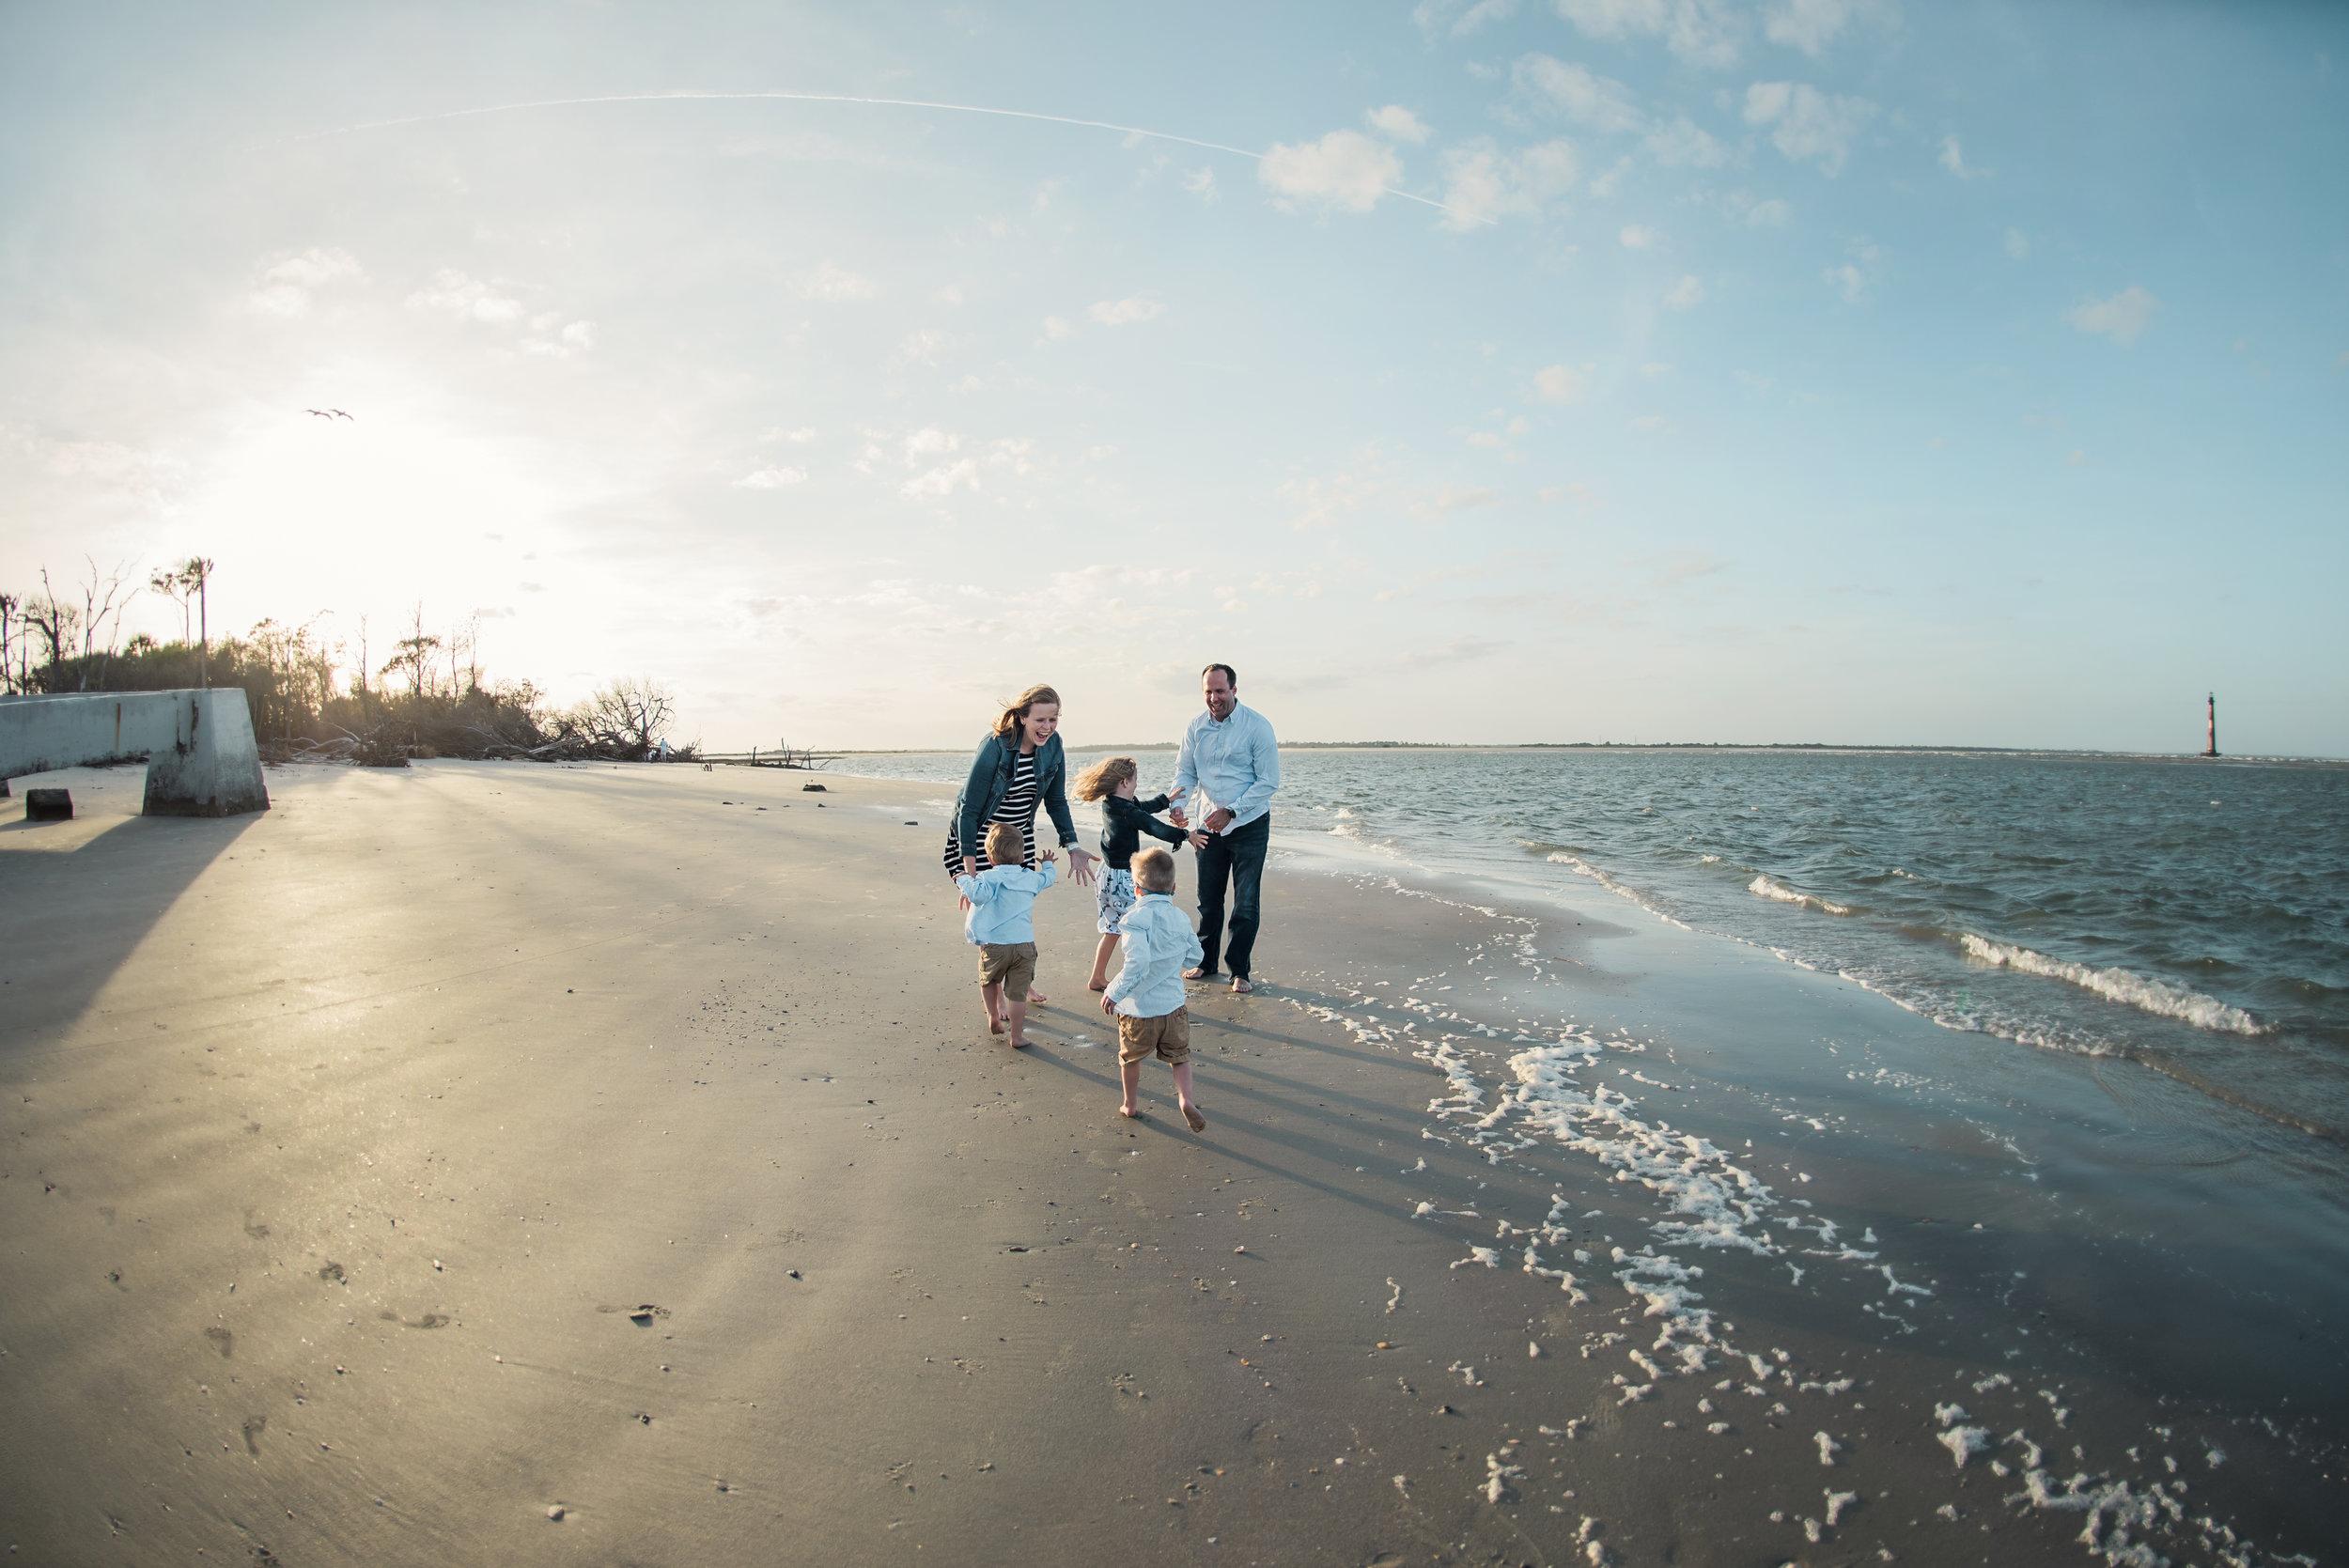 Folly-Beach-Family-Photographer-Following-Seas-Photography-8264 copy.jpg